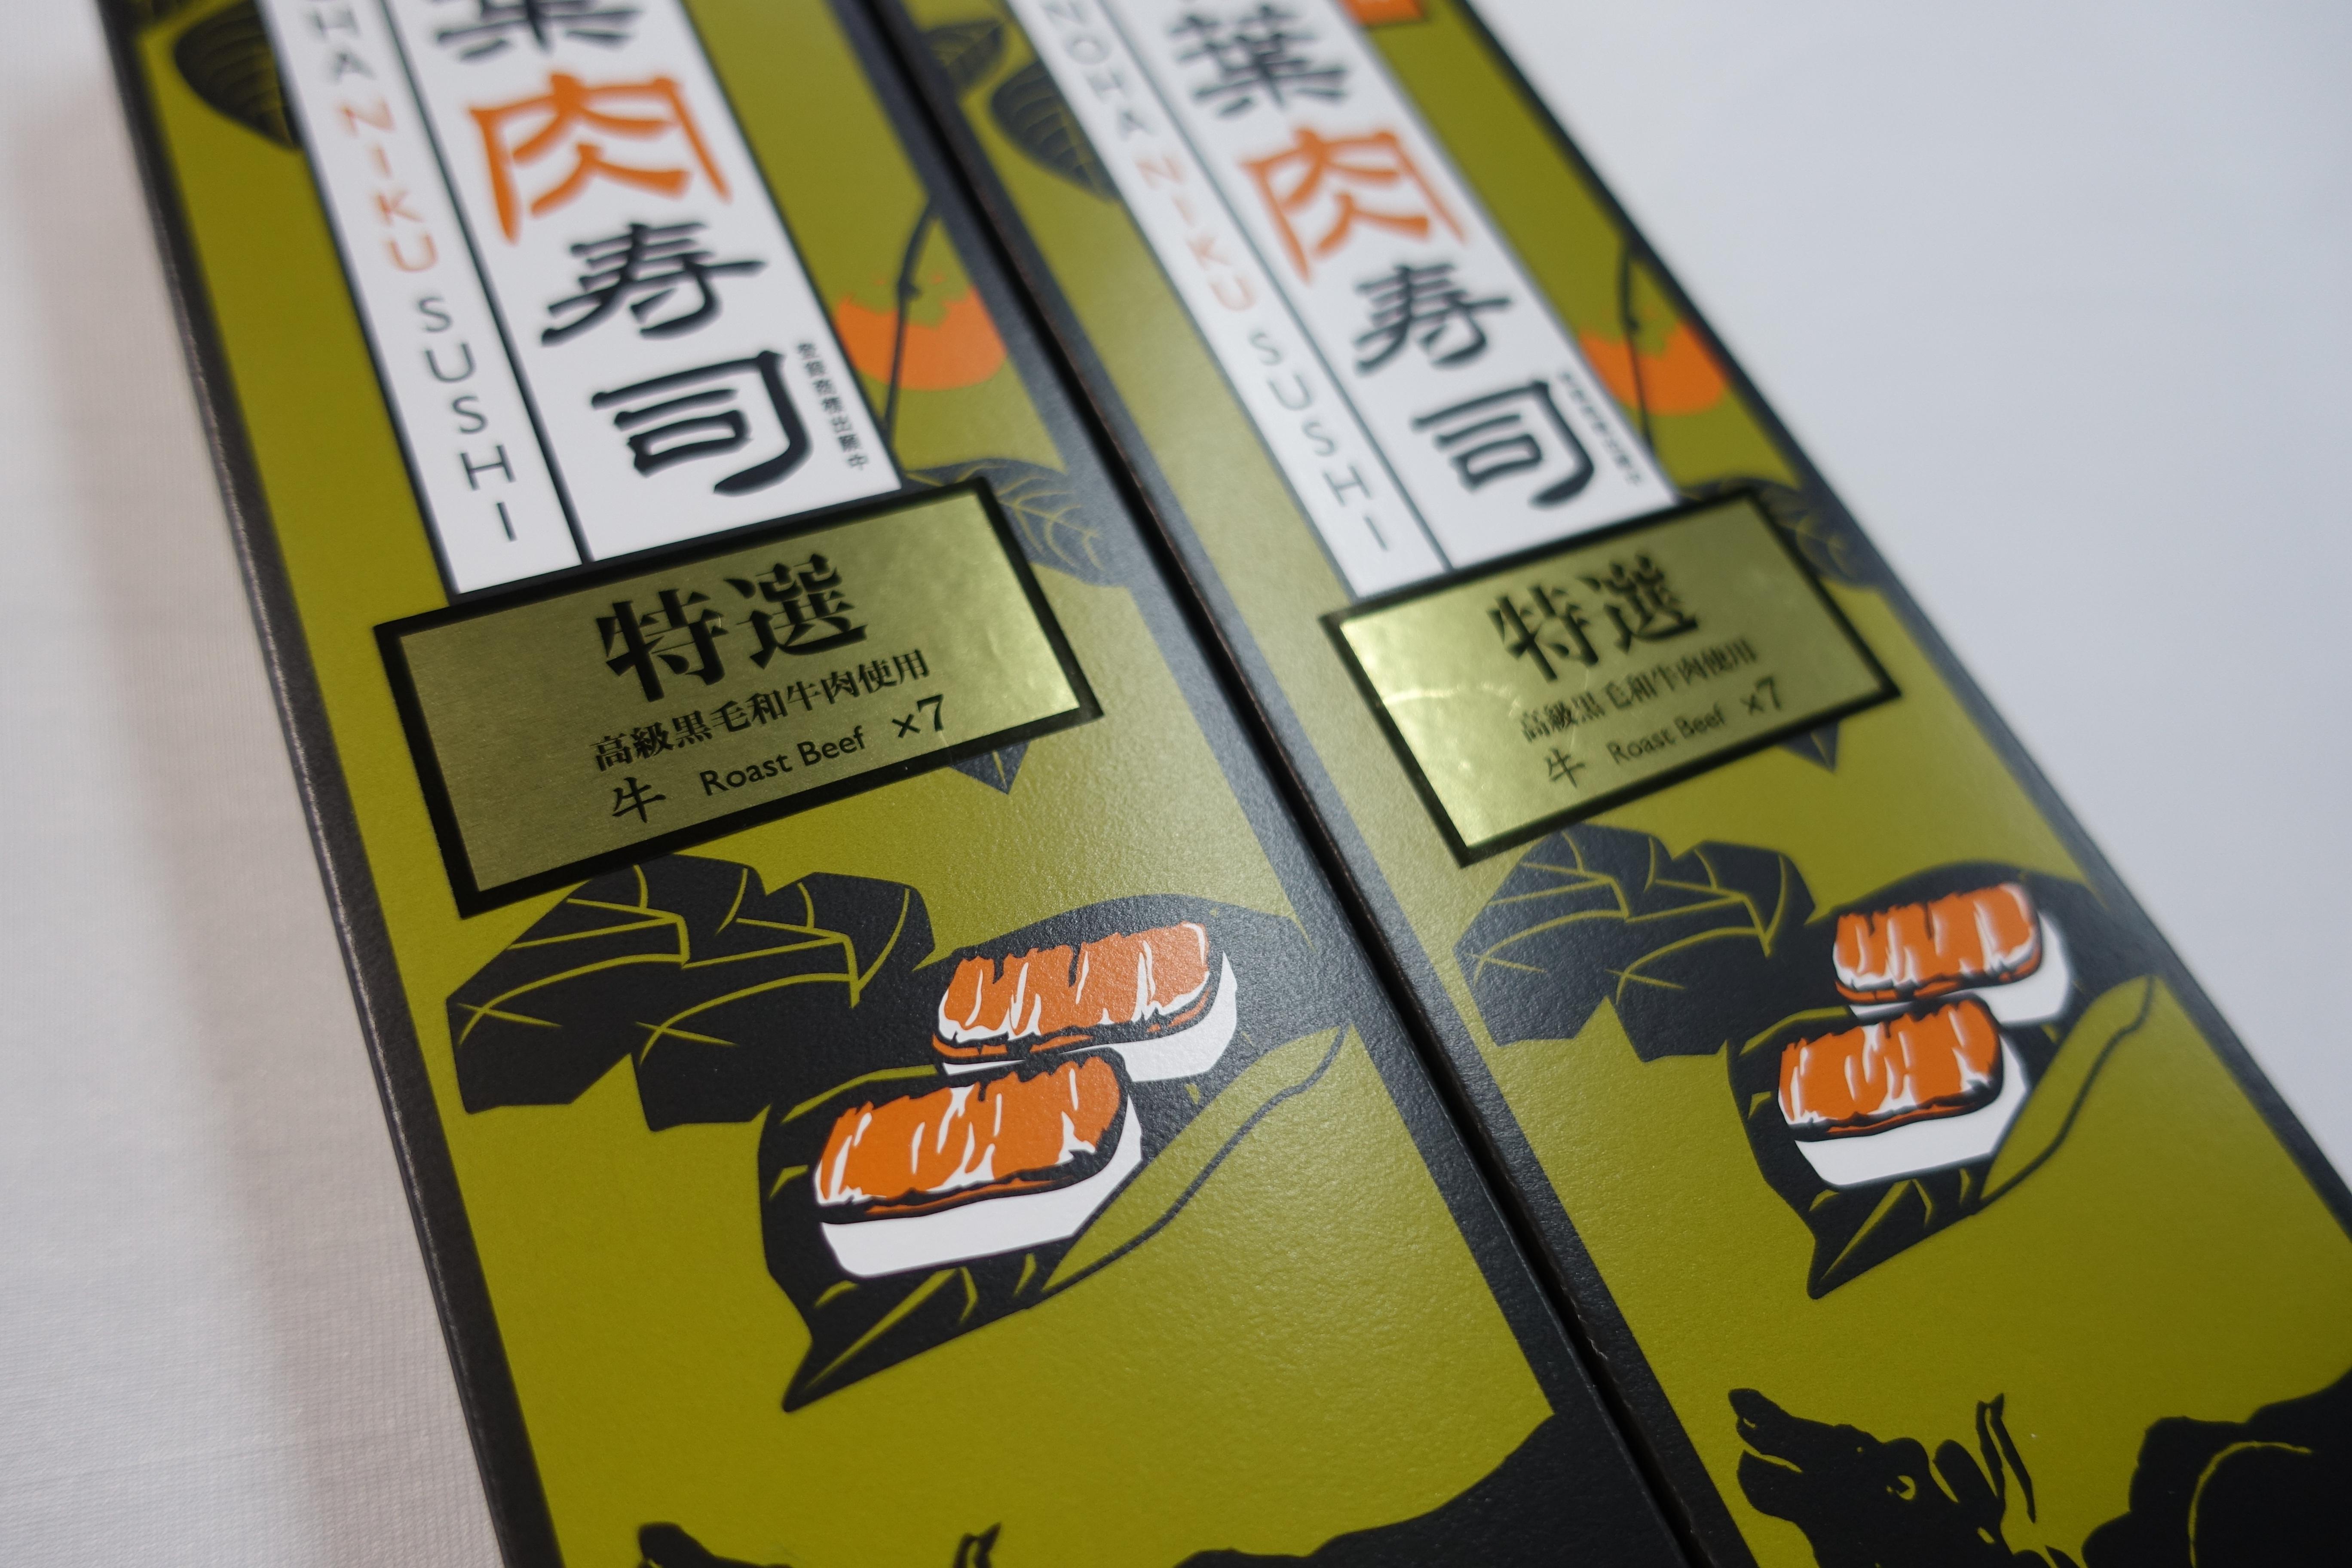 黒毛和牛稀少部位使用【特選】柿の葉肉寿司(黒毛和牛7個入)【2箱セット】